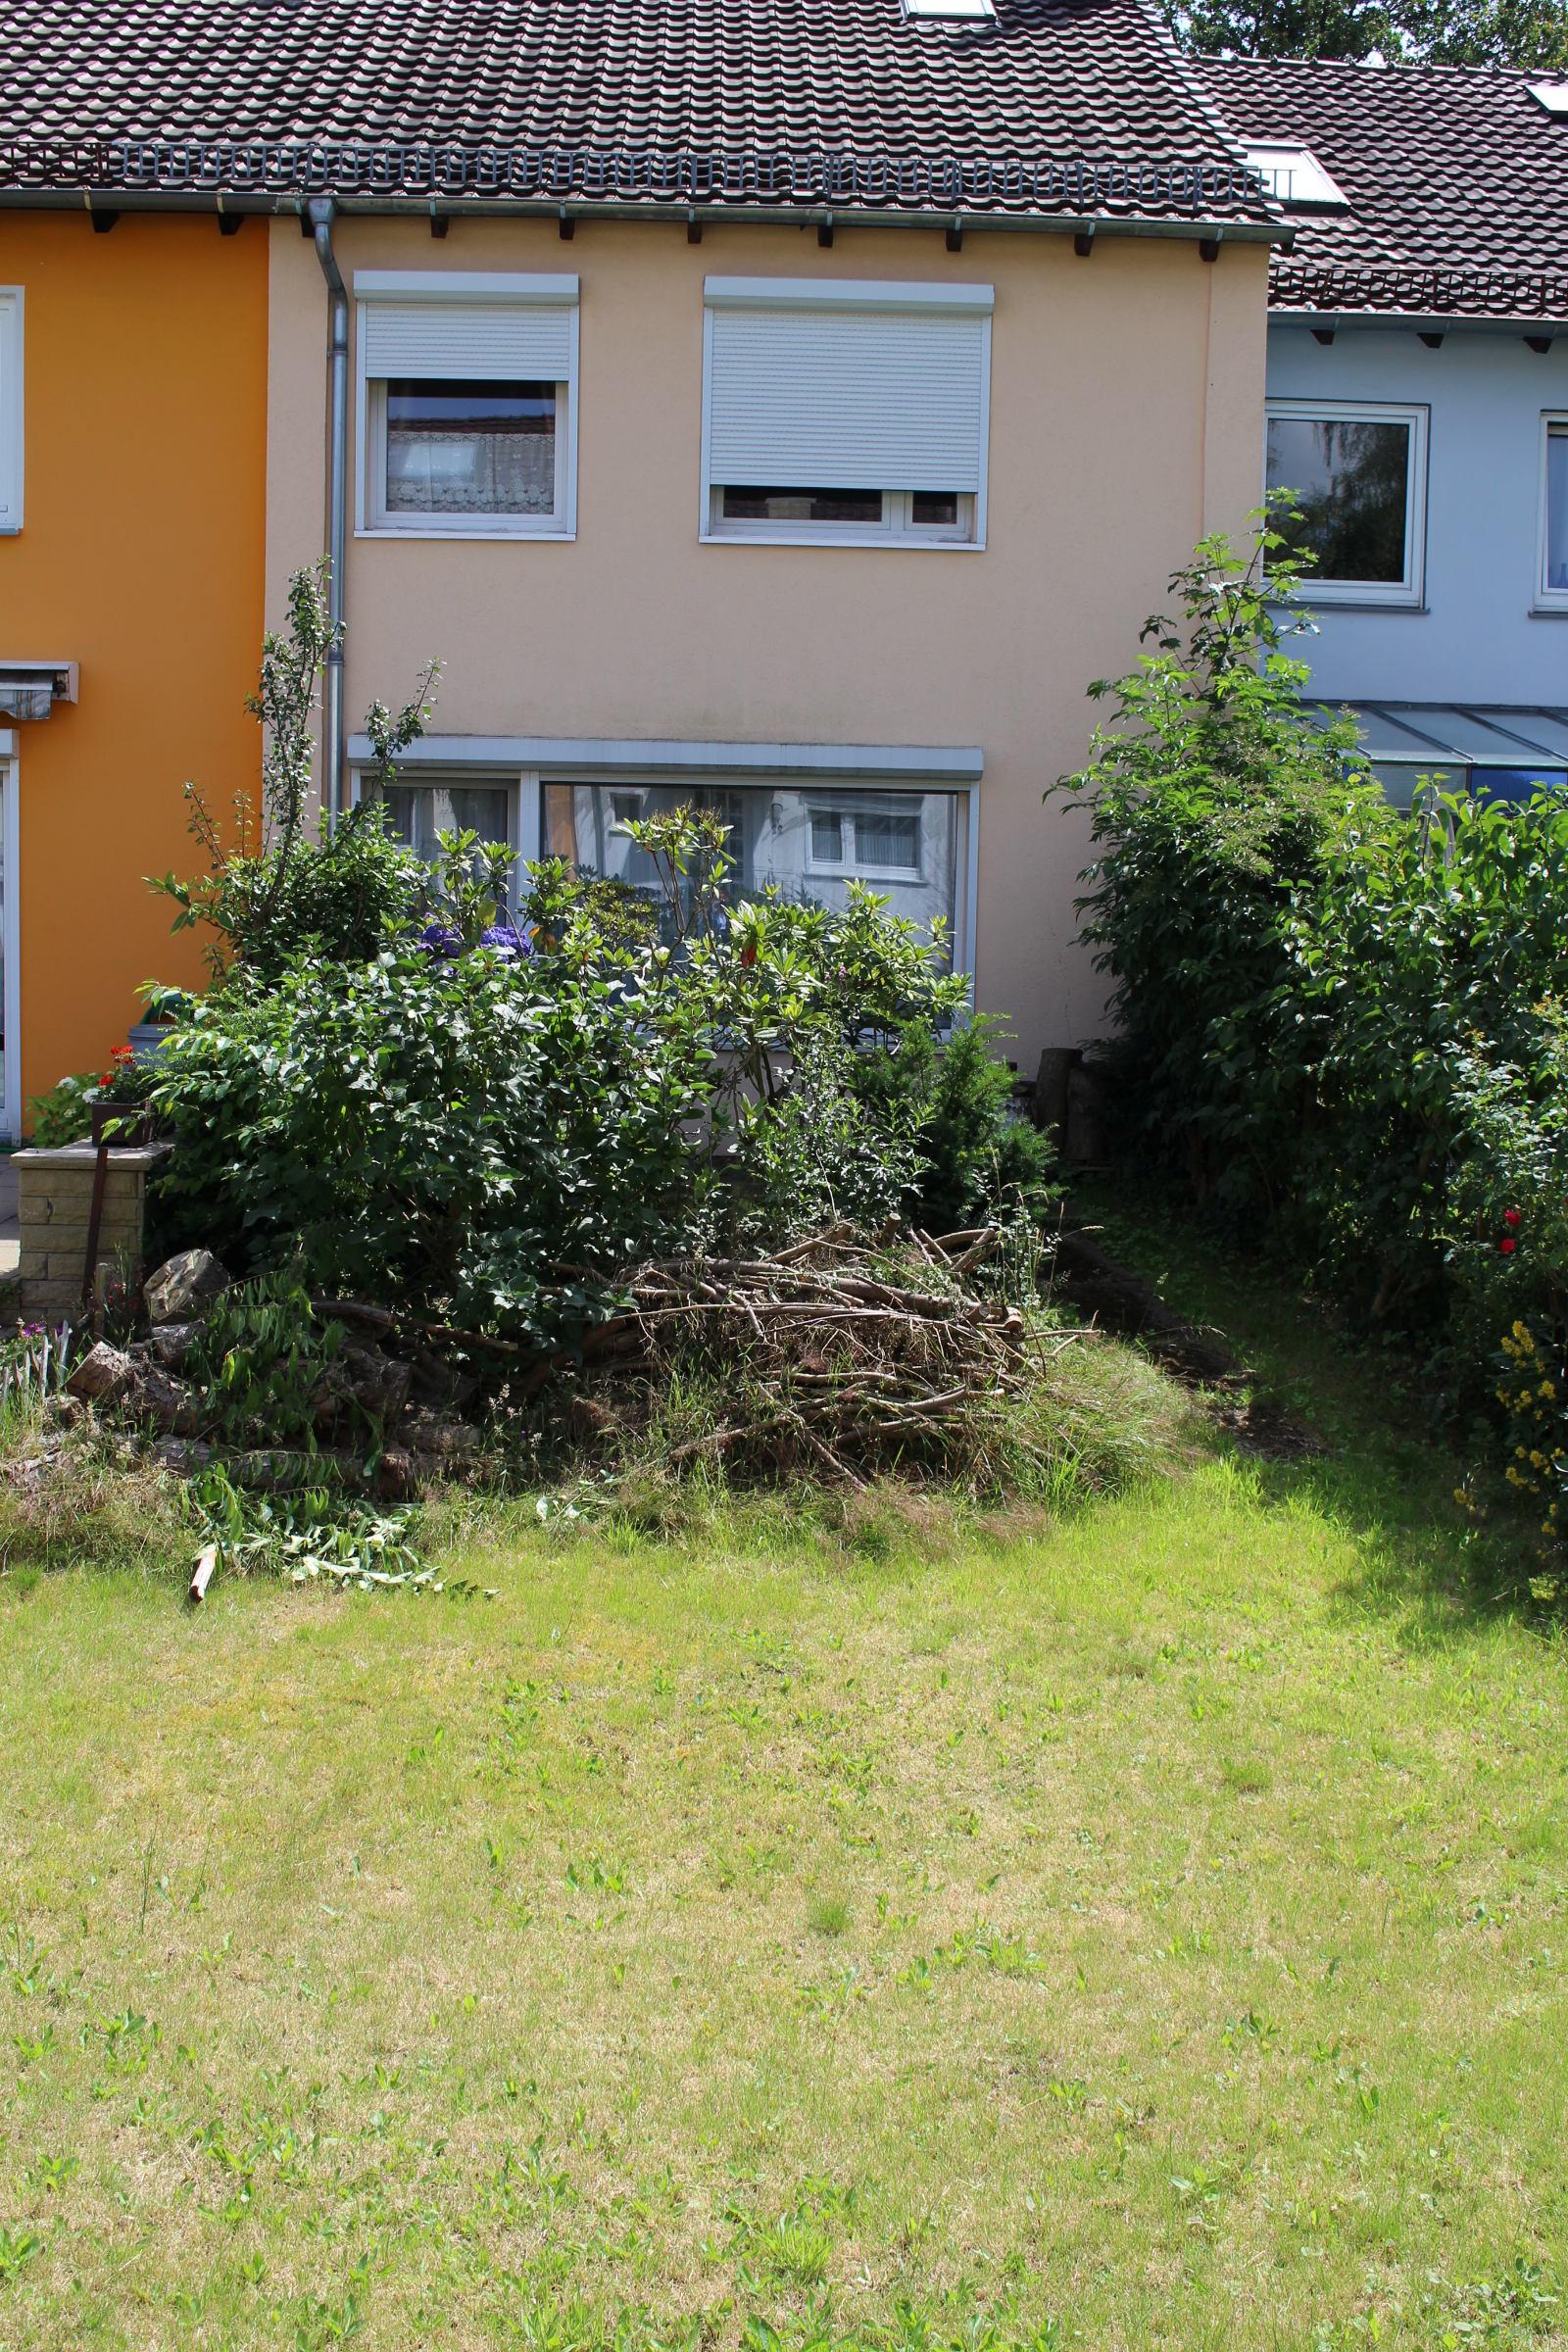 VERKAUFT: Saniertes Reihenhaus mit Garten und Ausbaureserve in ...